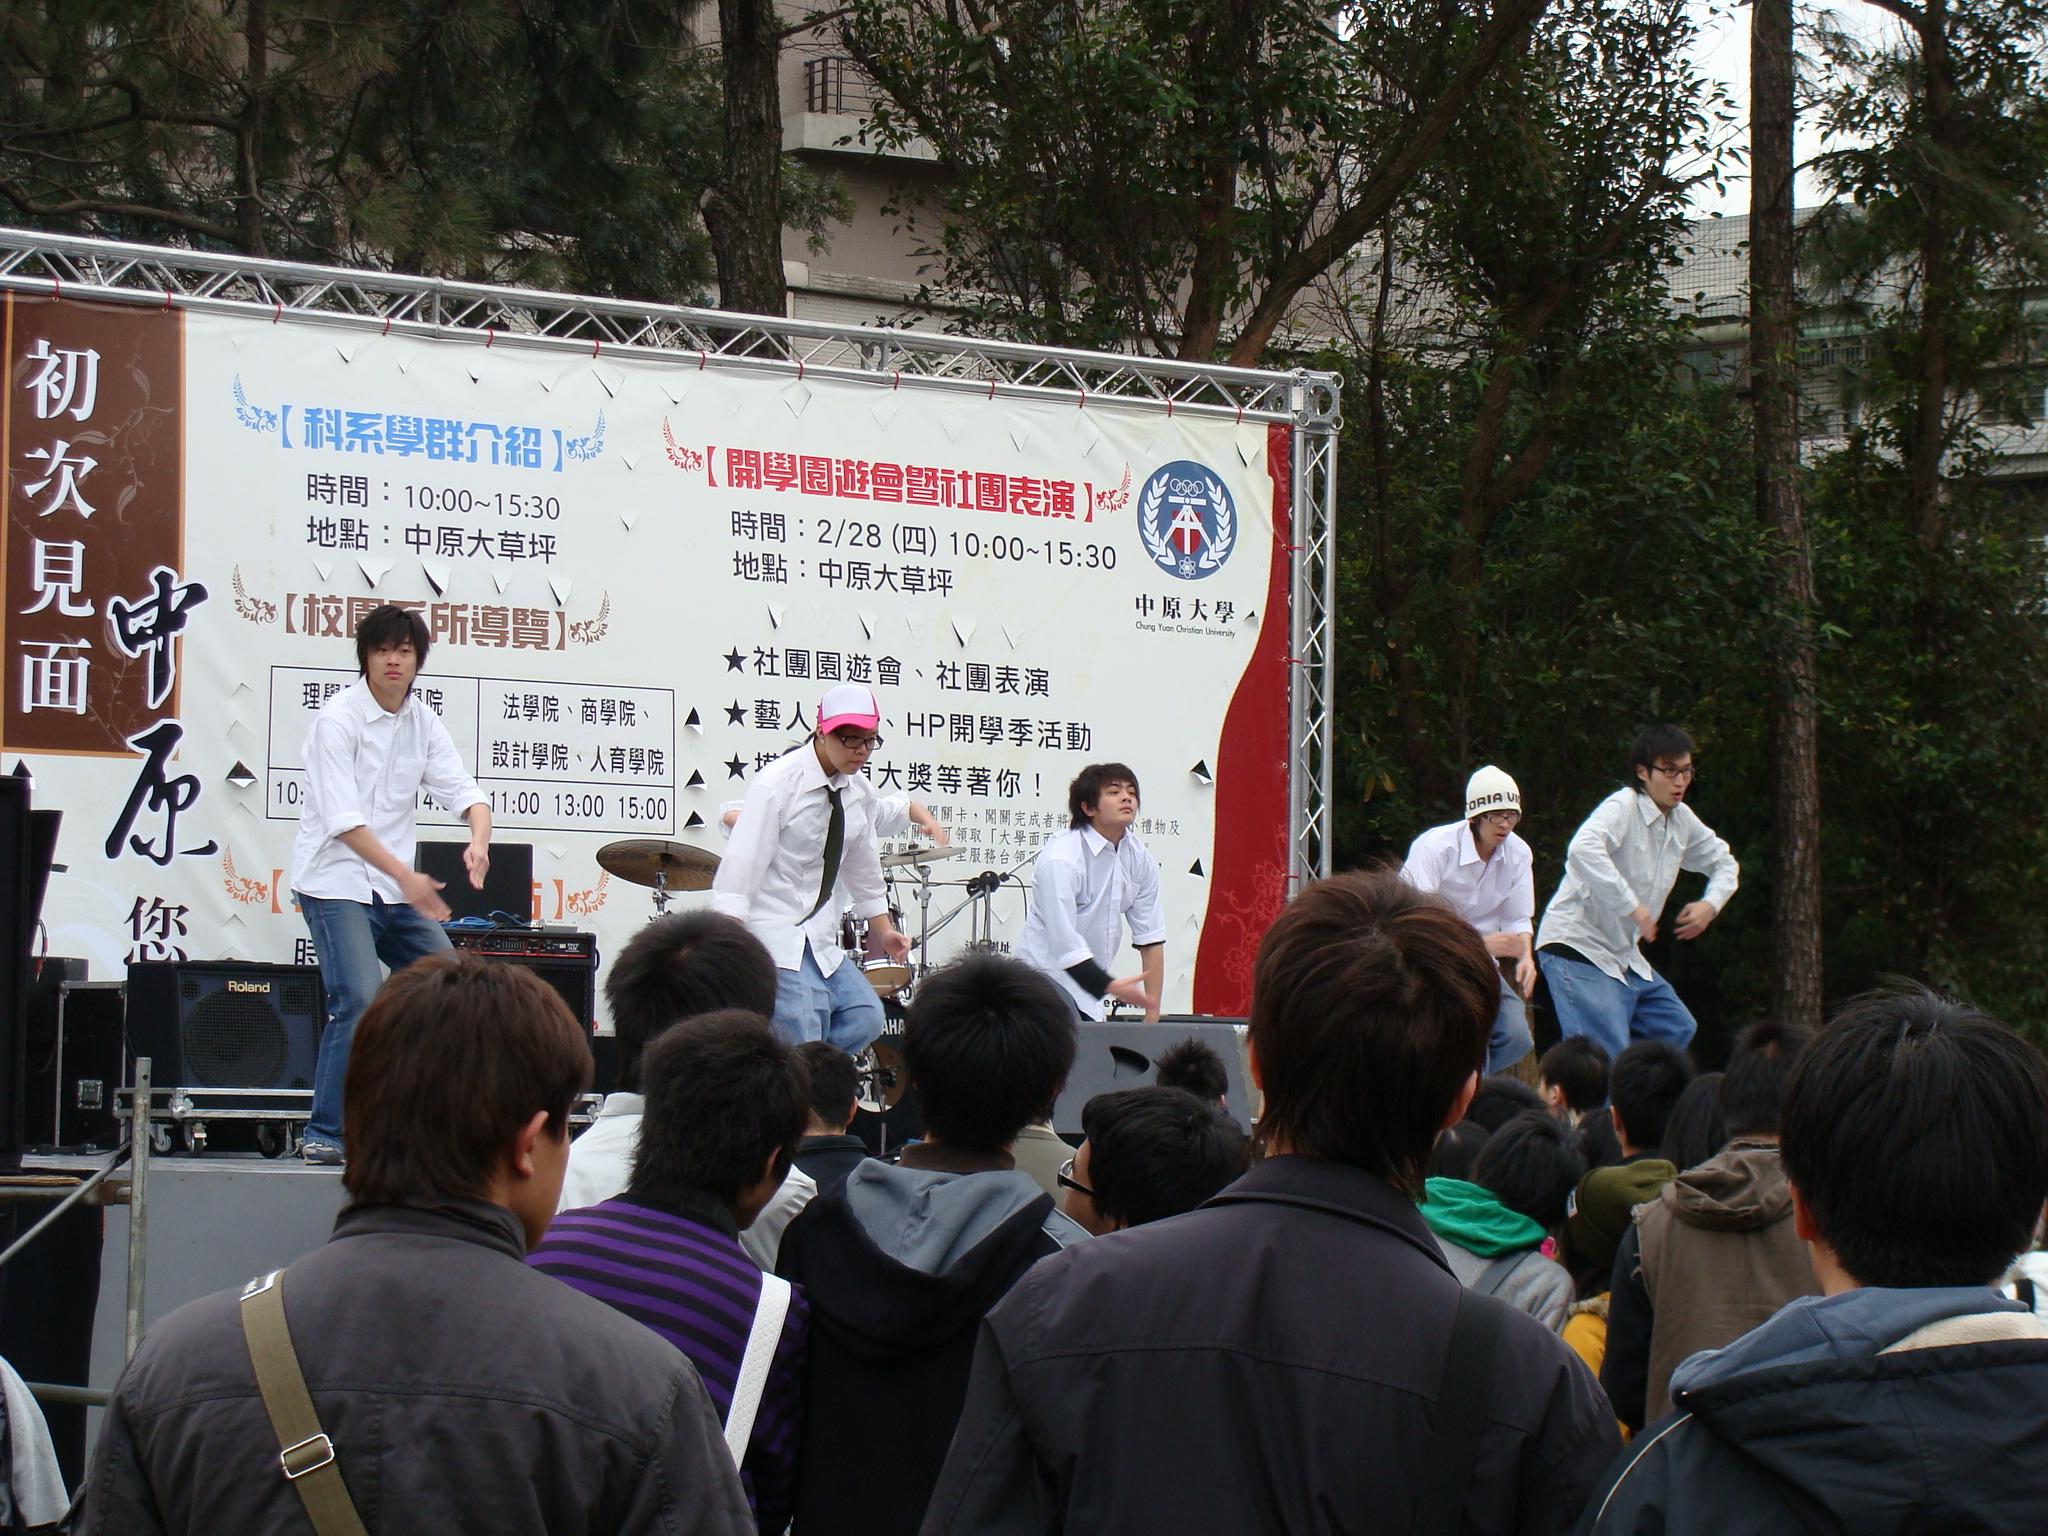 擺脫沉悶大學介紹 中原大學以園遊會與社團表演迎接高中生